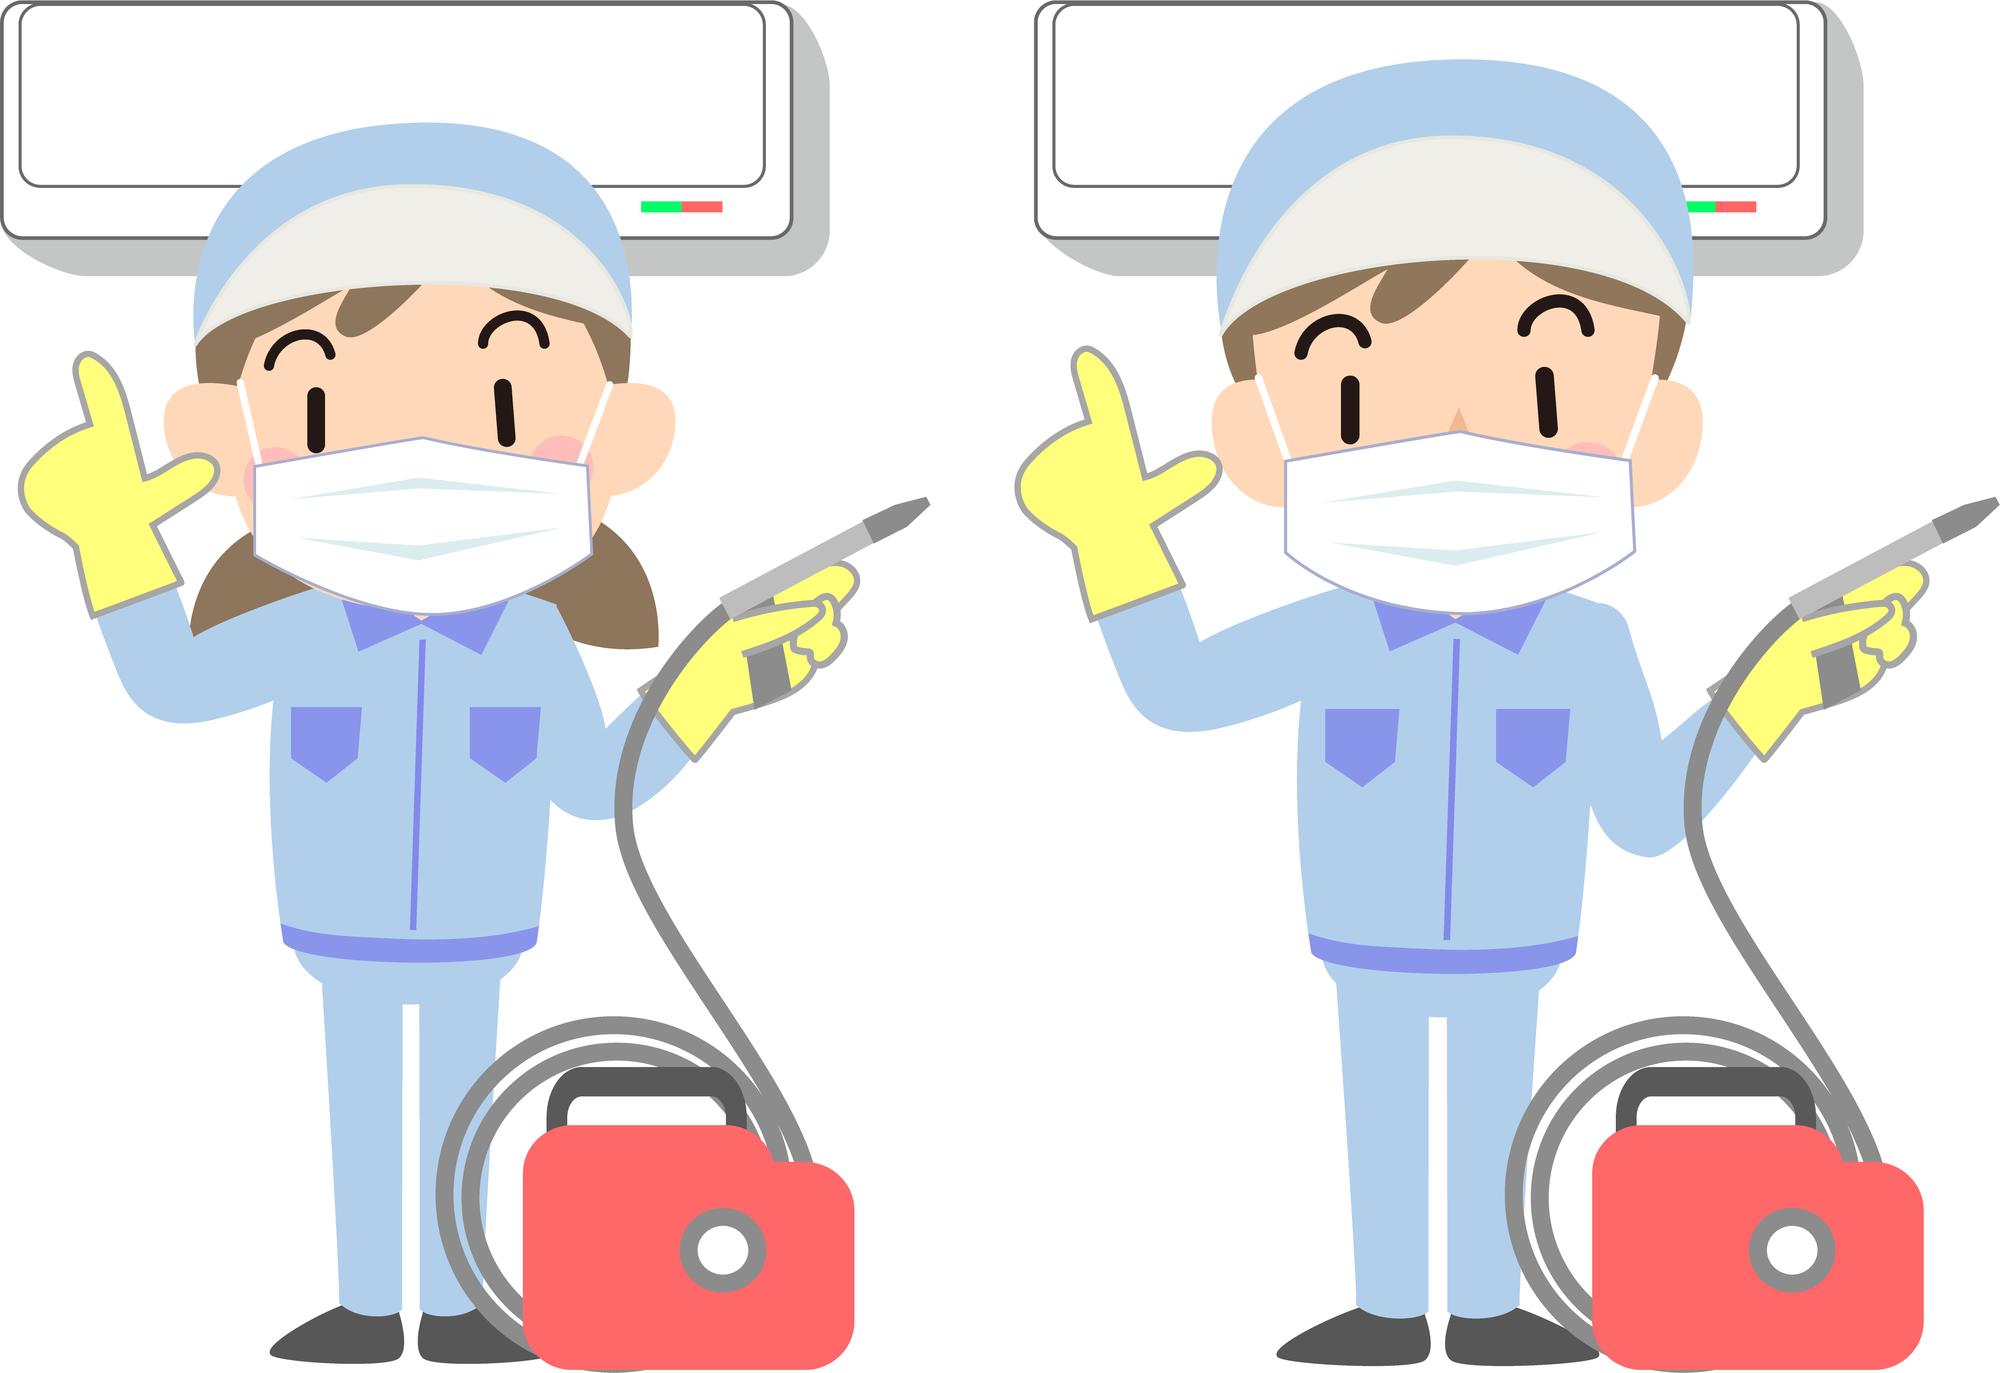 マスクを付けて2台のエアコンクリーニングをするスタッフのイラスト